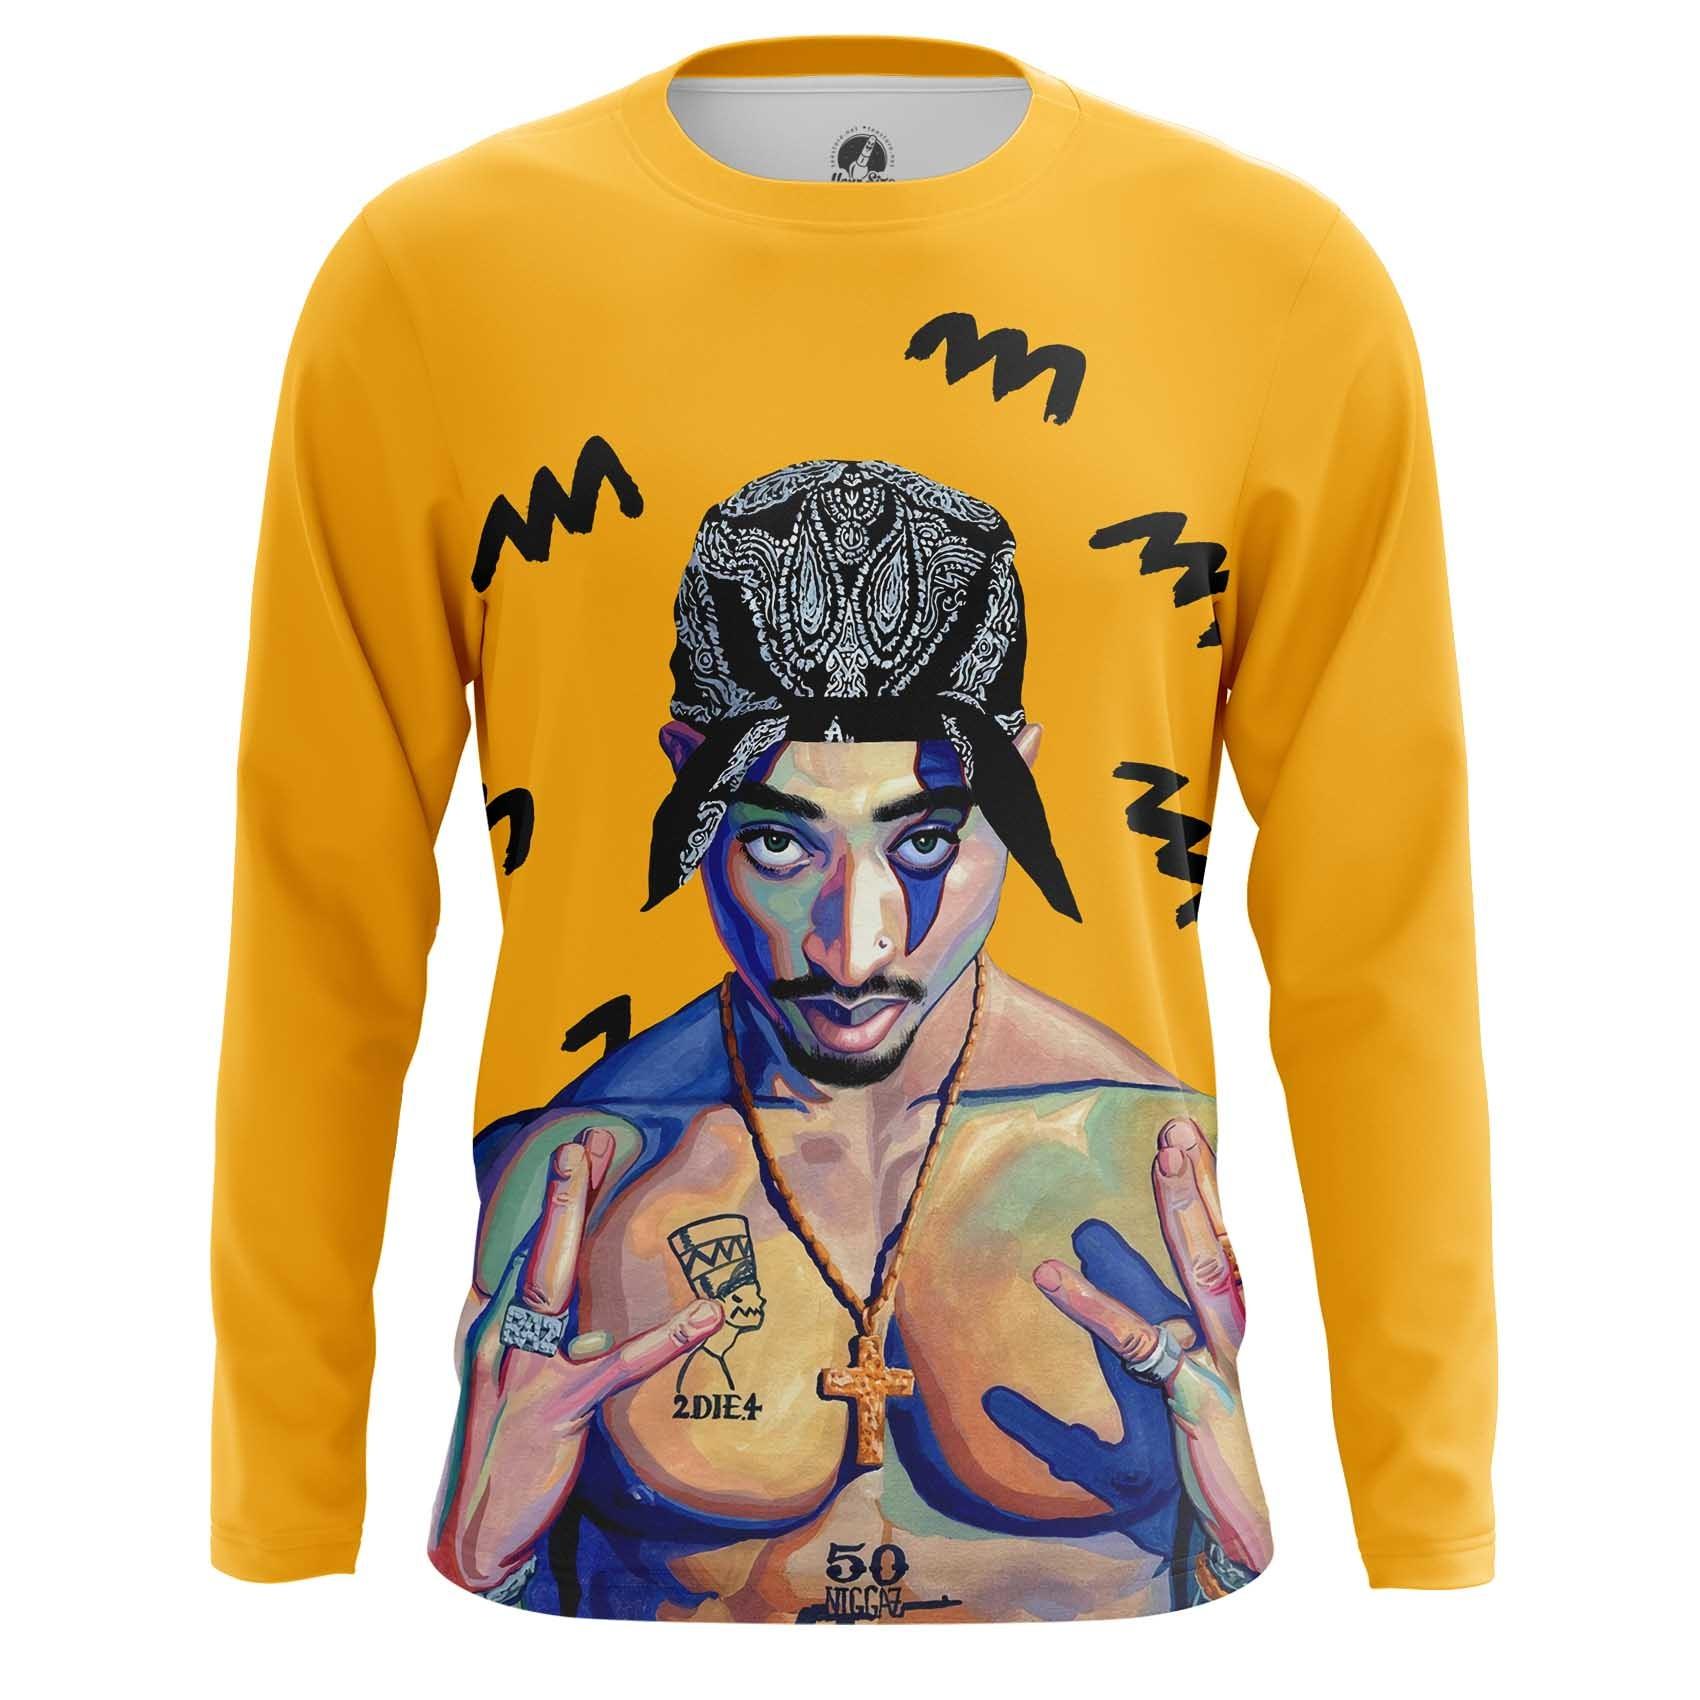 Merchandise Men'S Vest 2Pac Shakur Yellow Print Portait Top